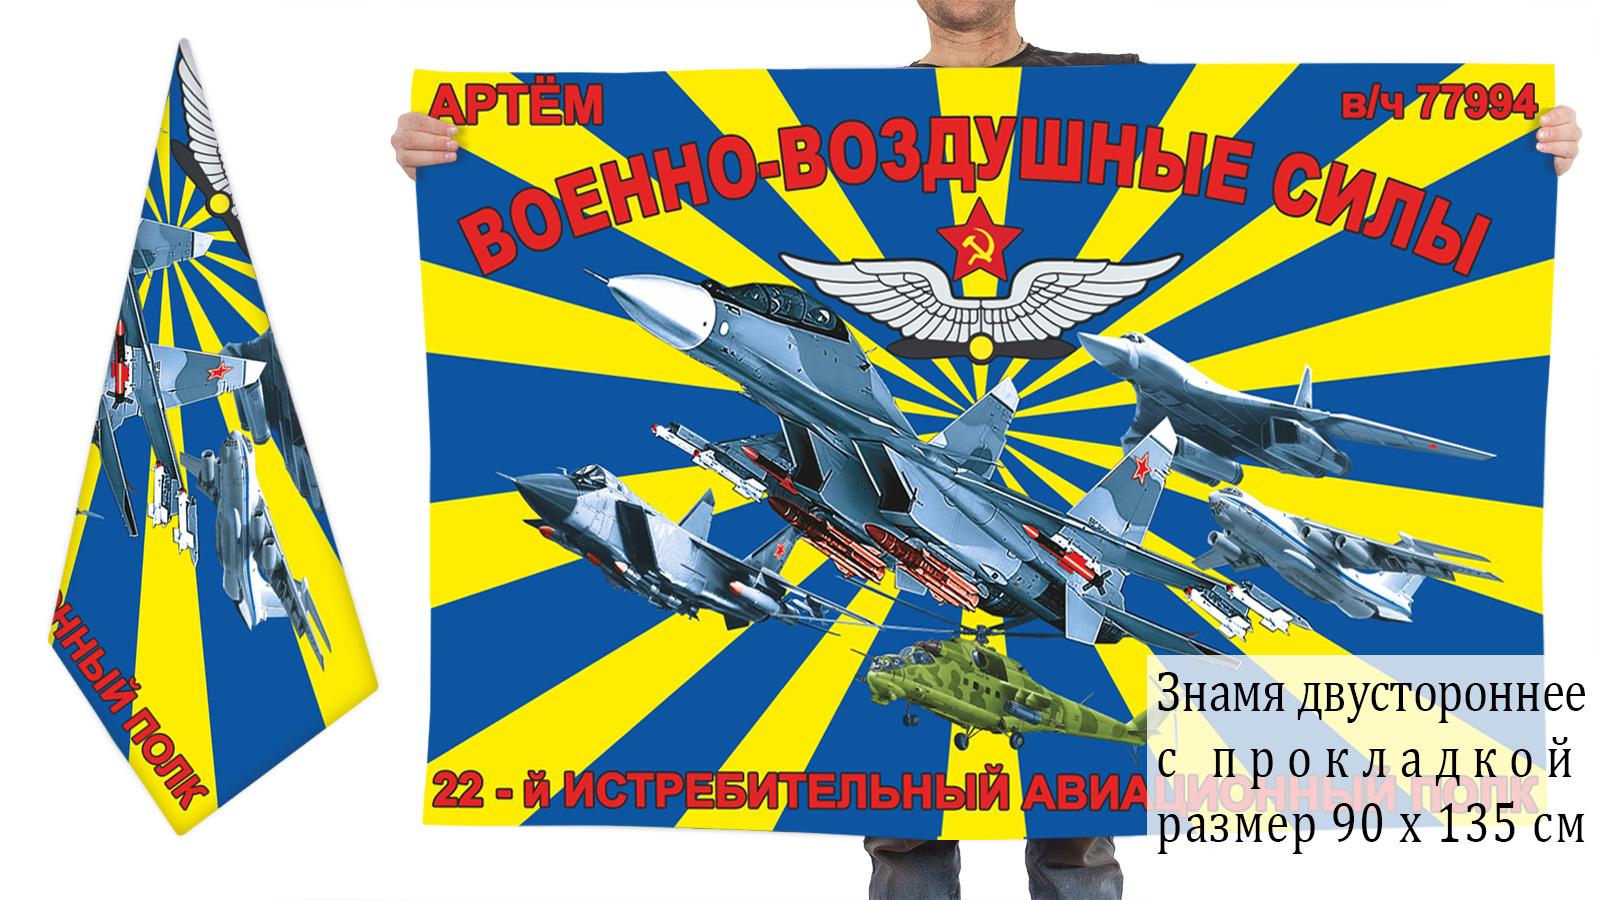 Флаг 22-го истребительного авиационного полка ВВС